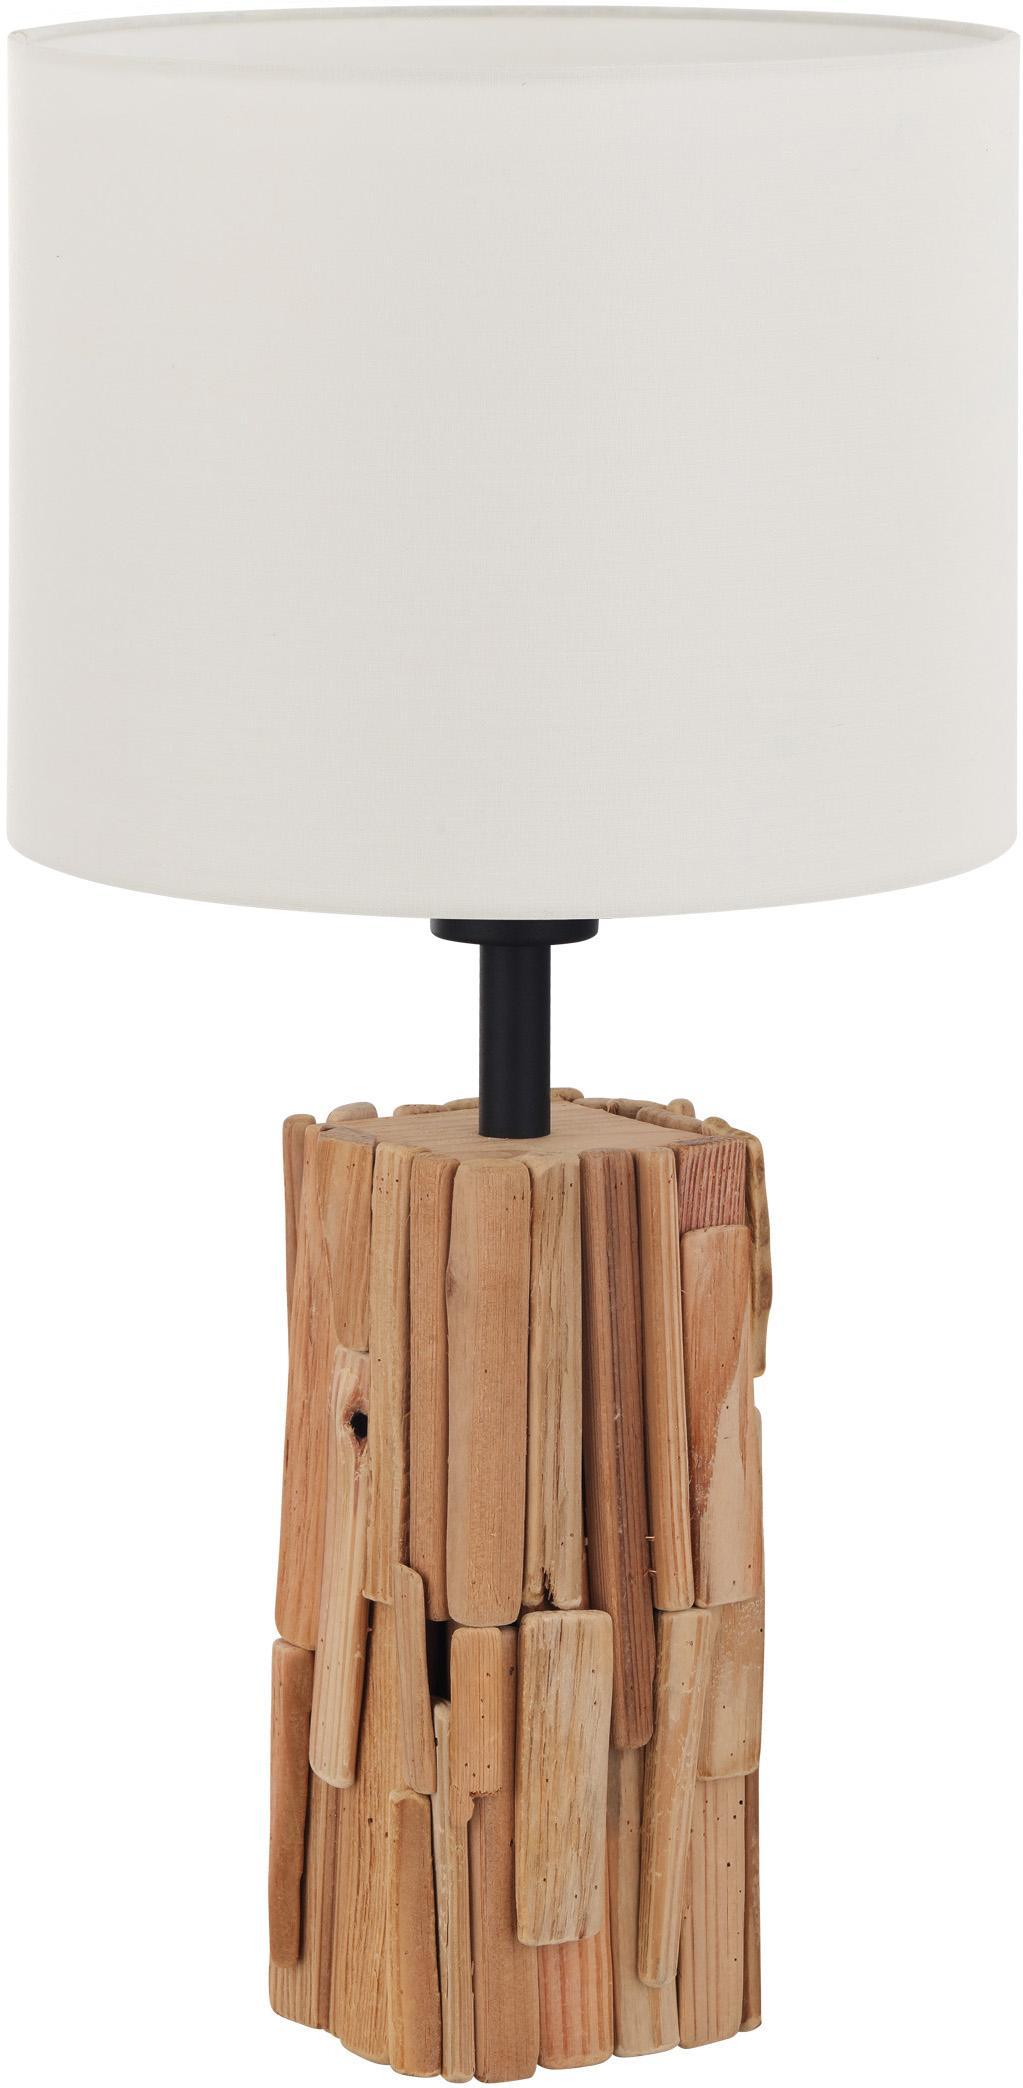 Tischlampe Portishead mit Holzfuss, Lampenschirm: Leinen, Braun, Weiss, Ø 26 x H 54 cm